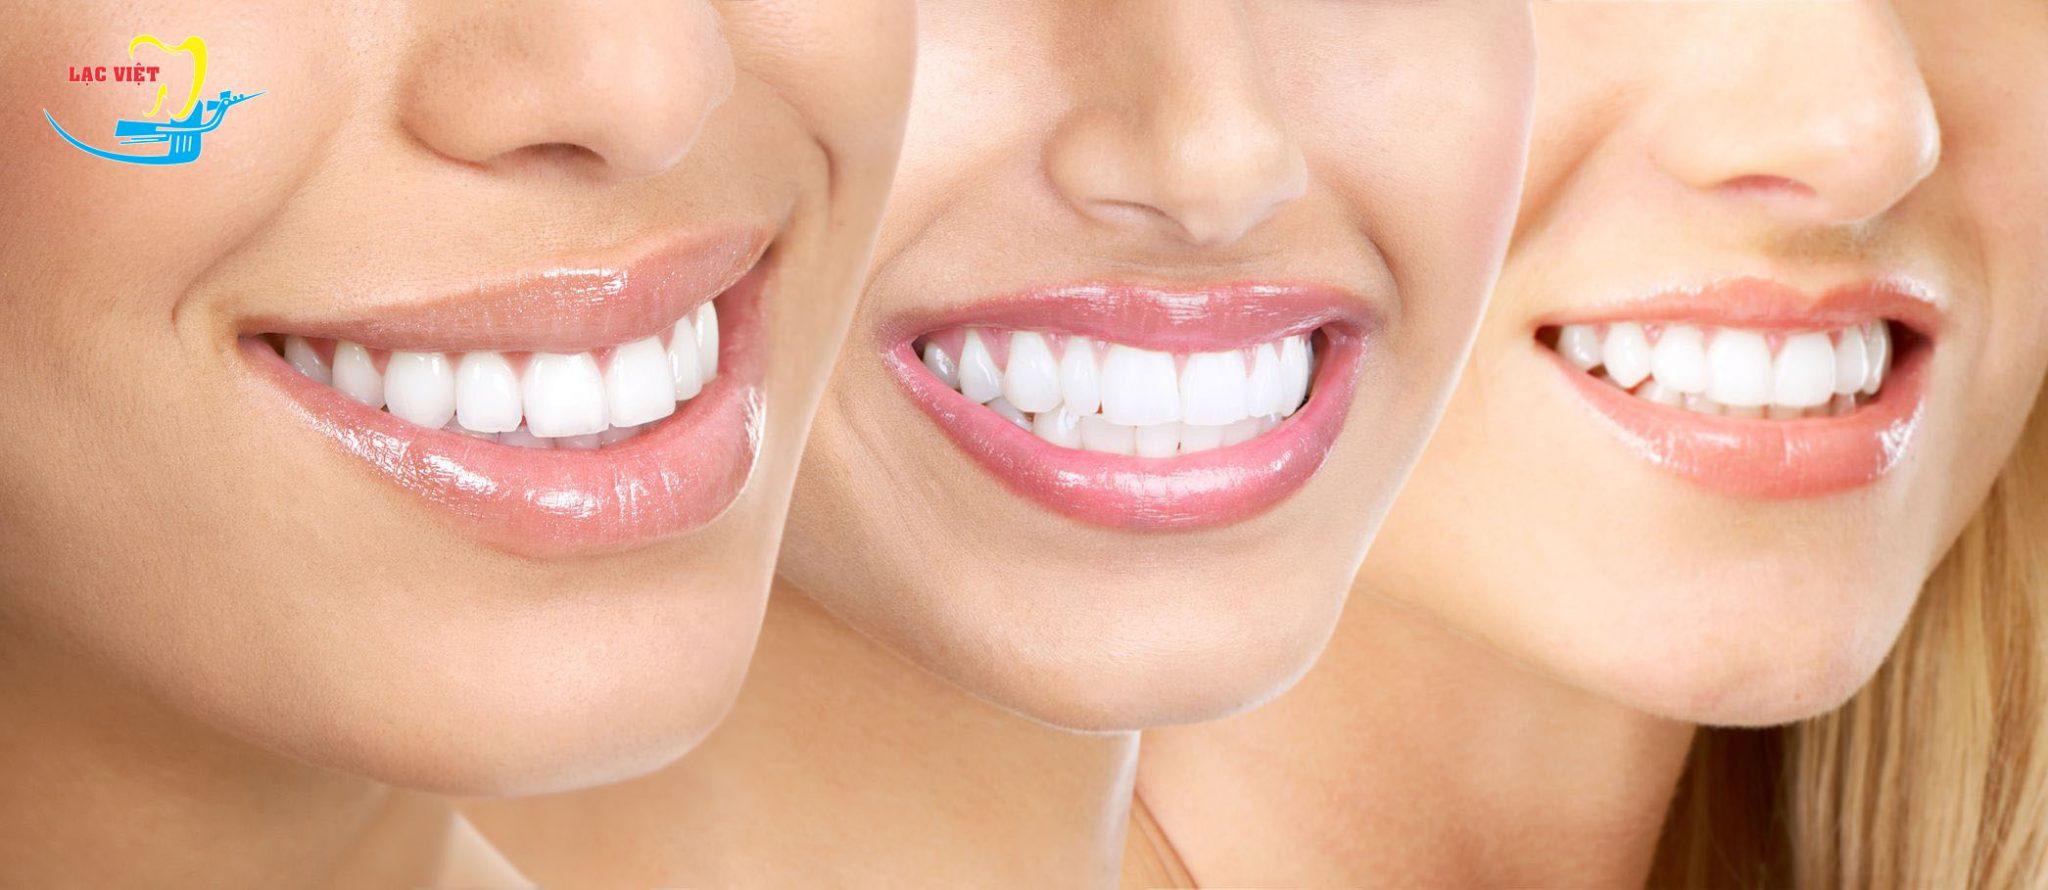 Điểm mạnh của tẩy trắng răng là gì